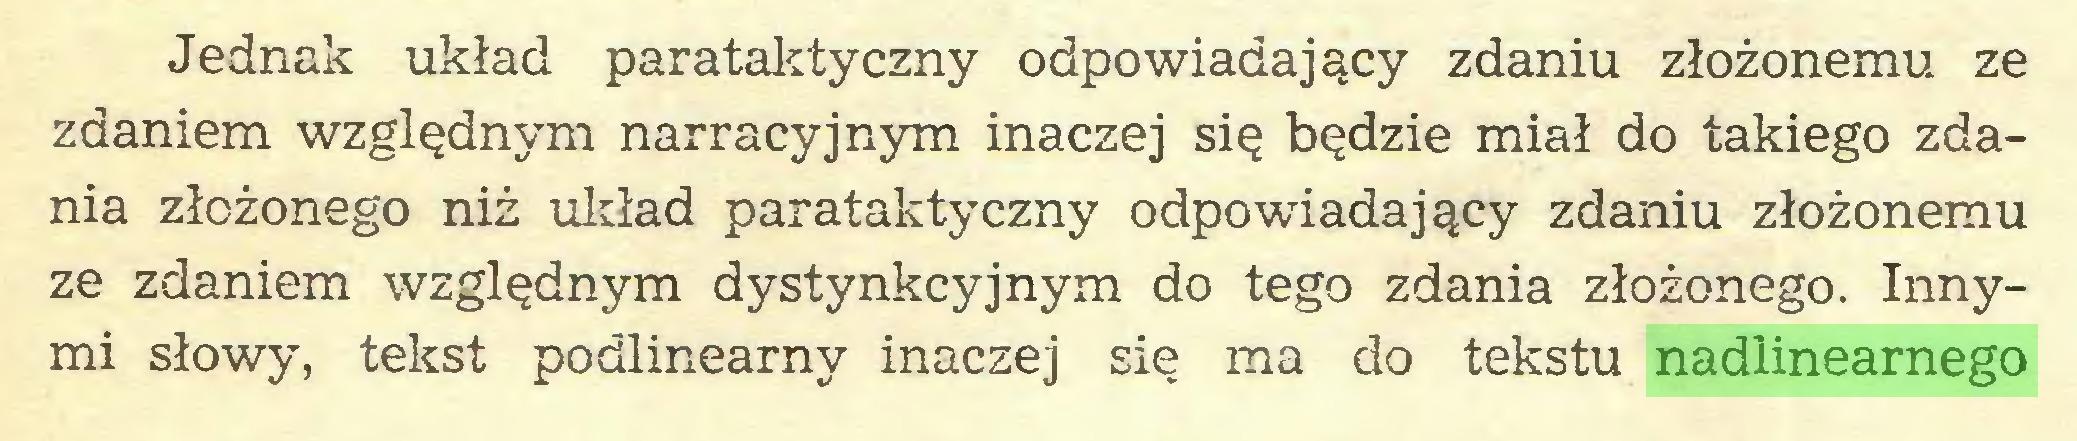 (...) Jednak układ parataktyczny odpowiadający zdaniu złożonemu ze zdaniem względnym narracyjnym inaczej się będzie miał do takiego zdania złożonego niż układ parataktyczny odpowiadający zdaniu złożonemu ze zdaniem względnym dystynkcyjnym do tego zdania złożonego. Innymi słowy, tekst podlinearny inaczej się ma do tekstu nadlinearnego...